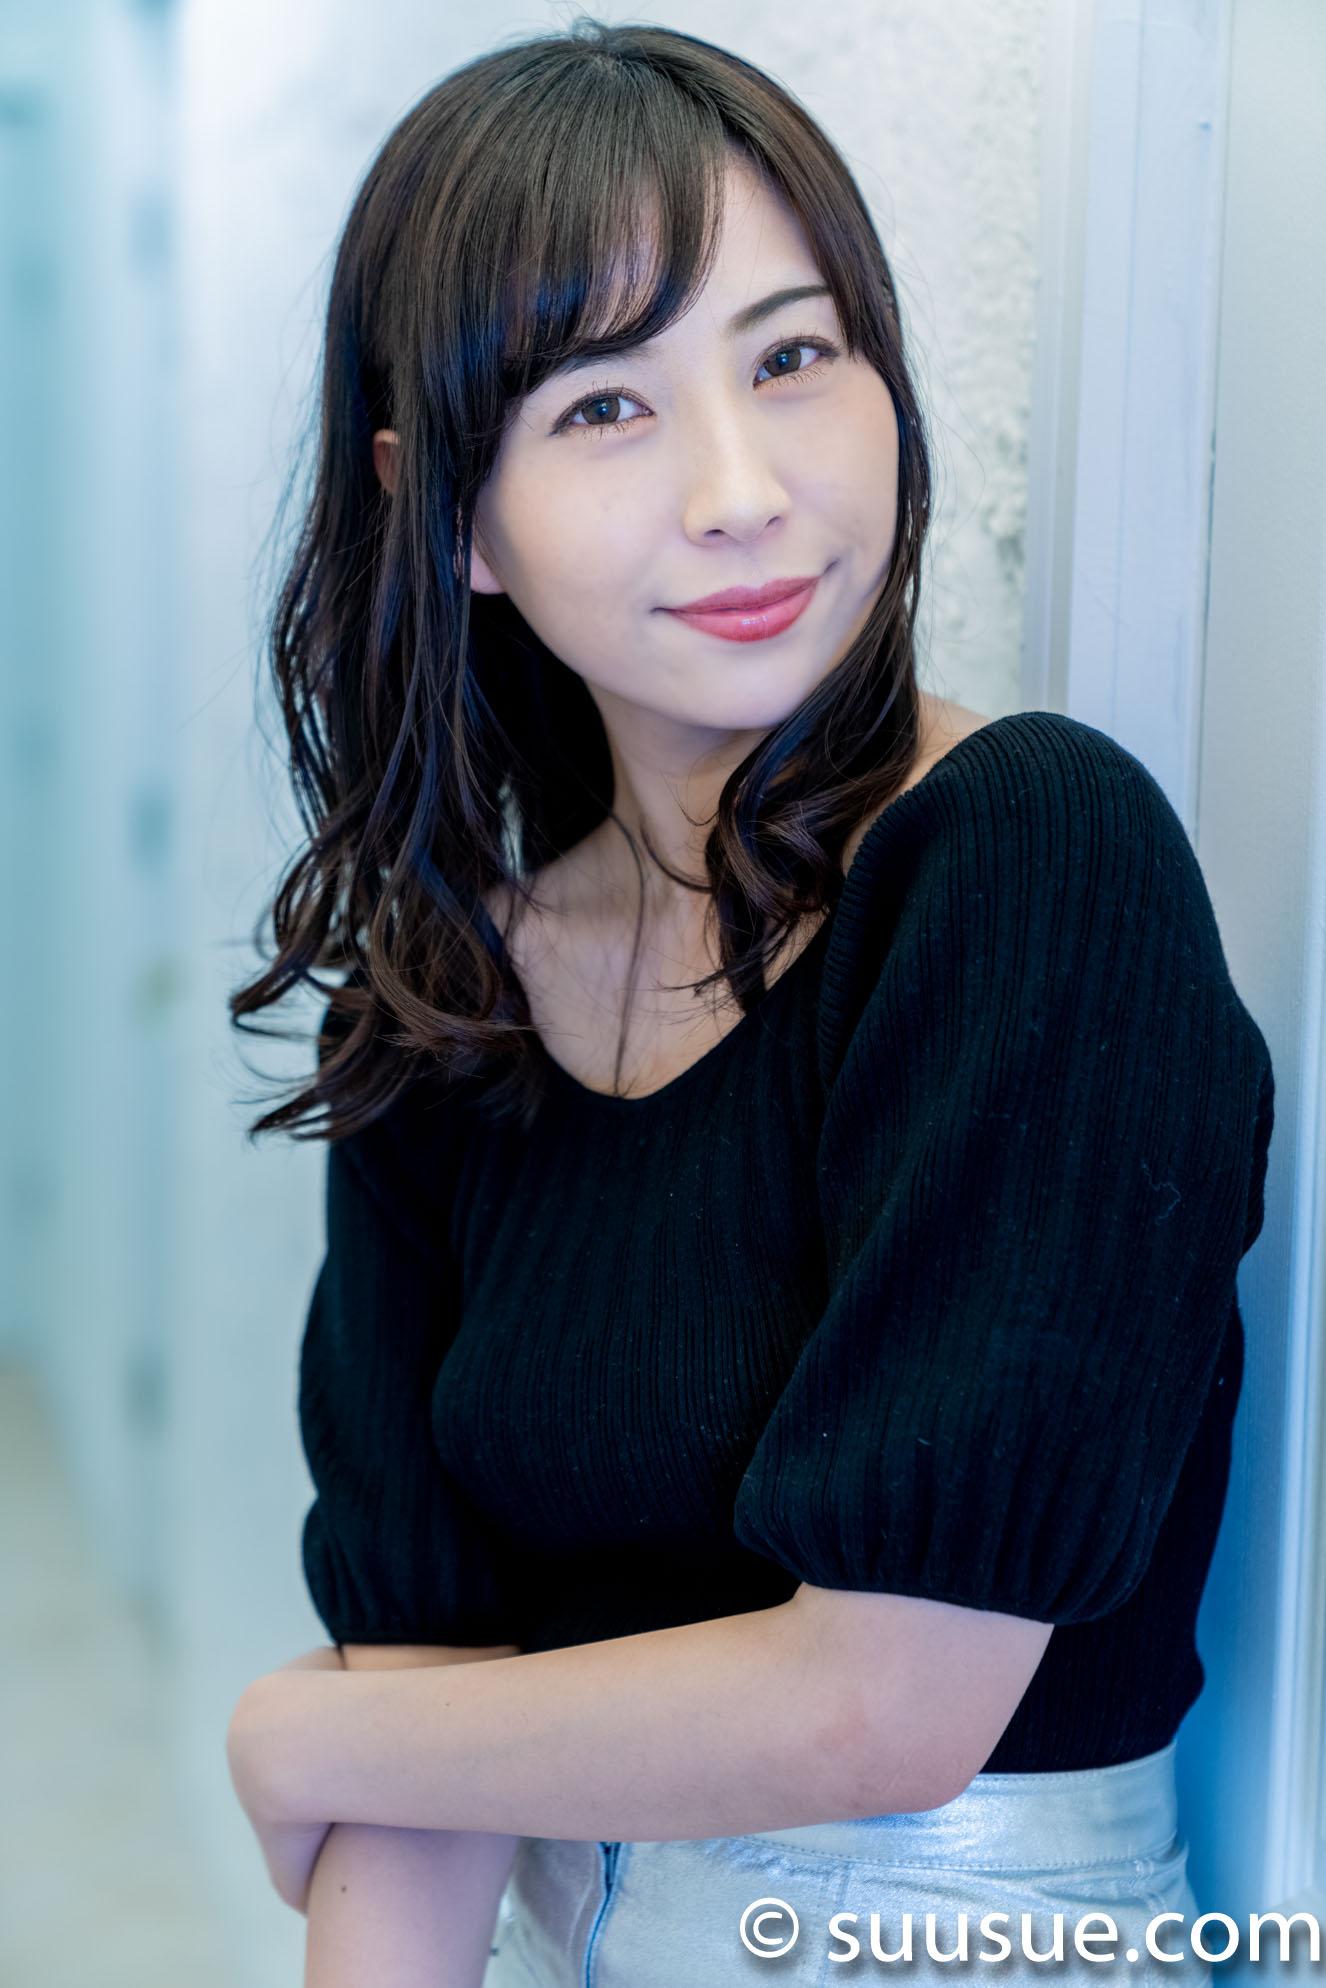 緑川ちひろ 2019/12/21 エモーショナル撮影会